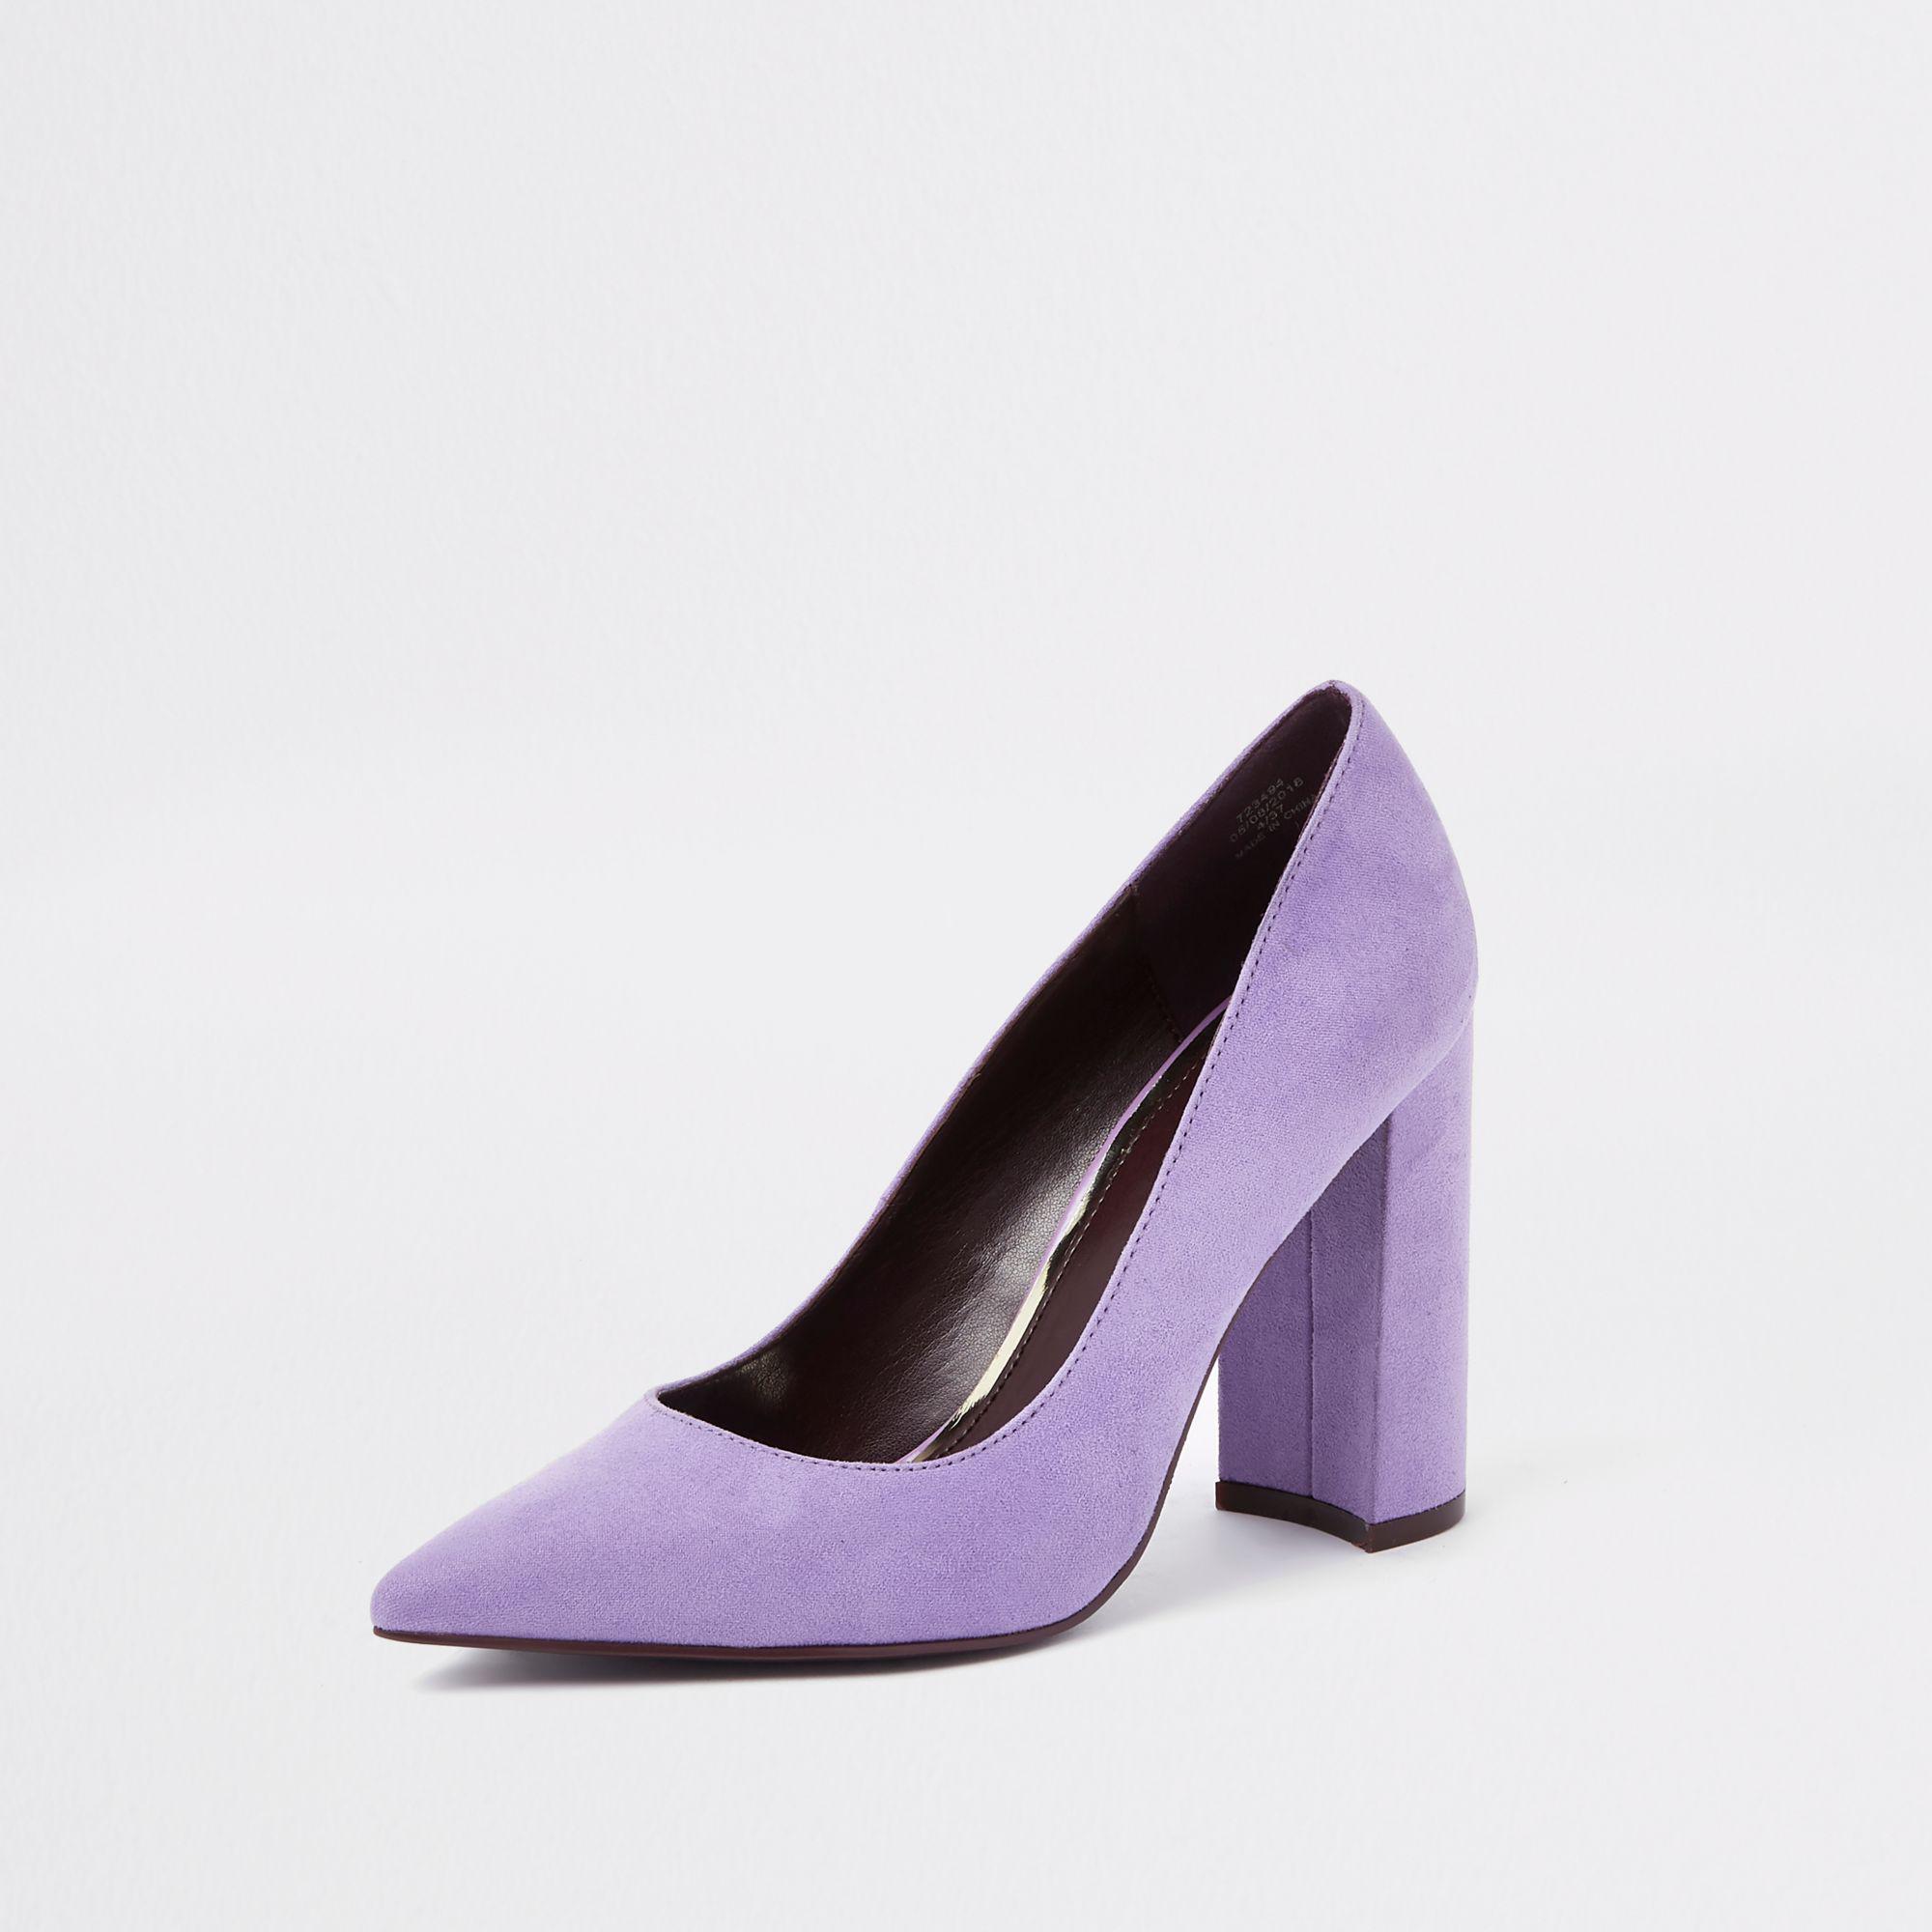 06d9d49fcd2b River Island Light Purple Block Heel Court Shoes in Purple - Lyst